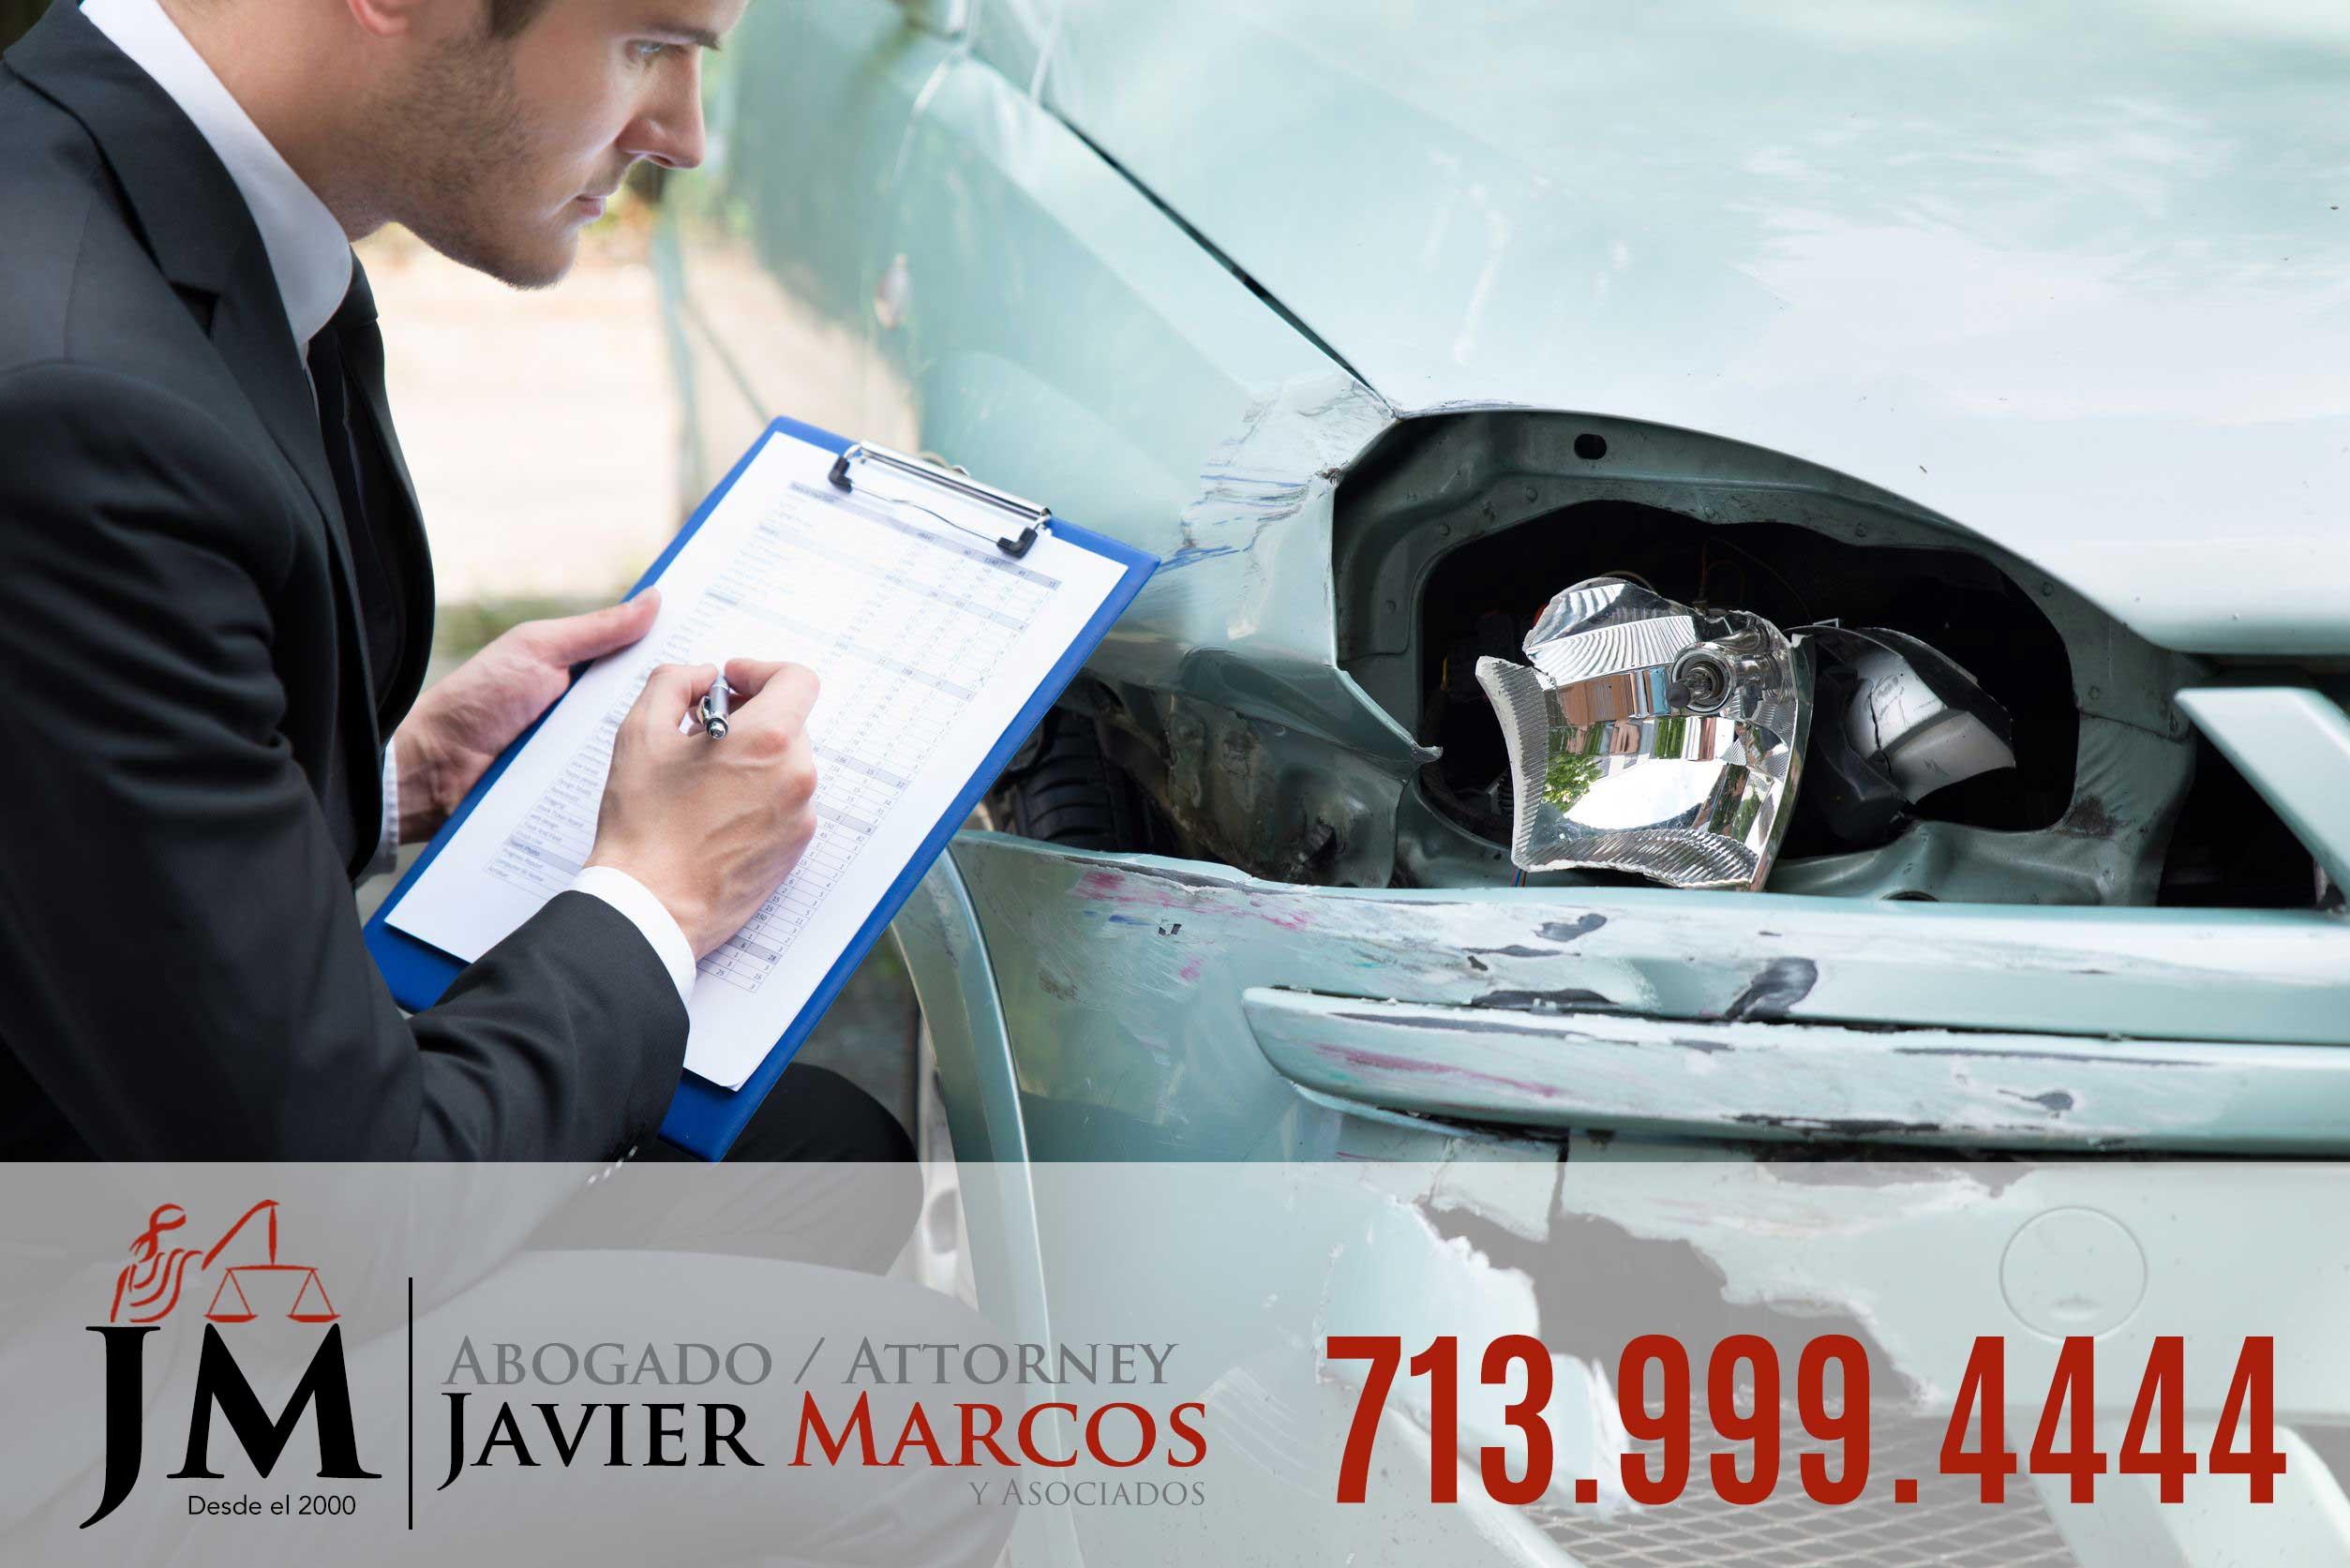 Seguro de accidente de carro | Abogado Javier Marcos 713.999.4444